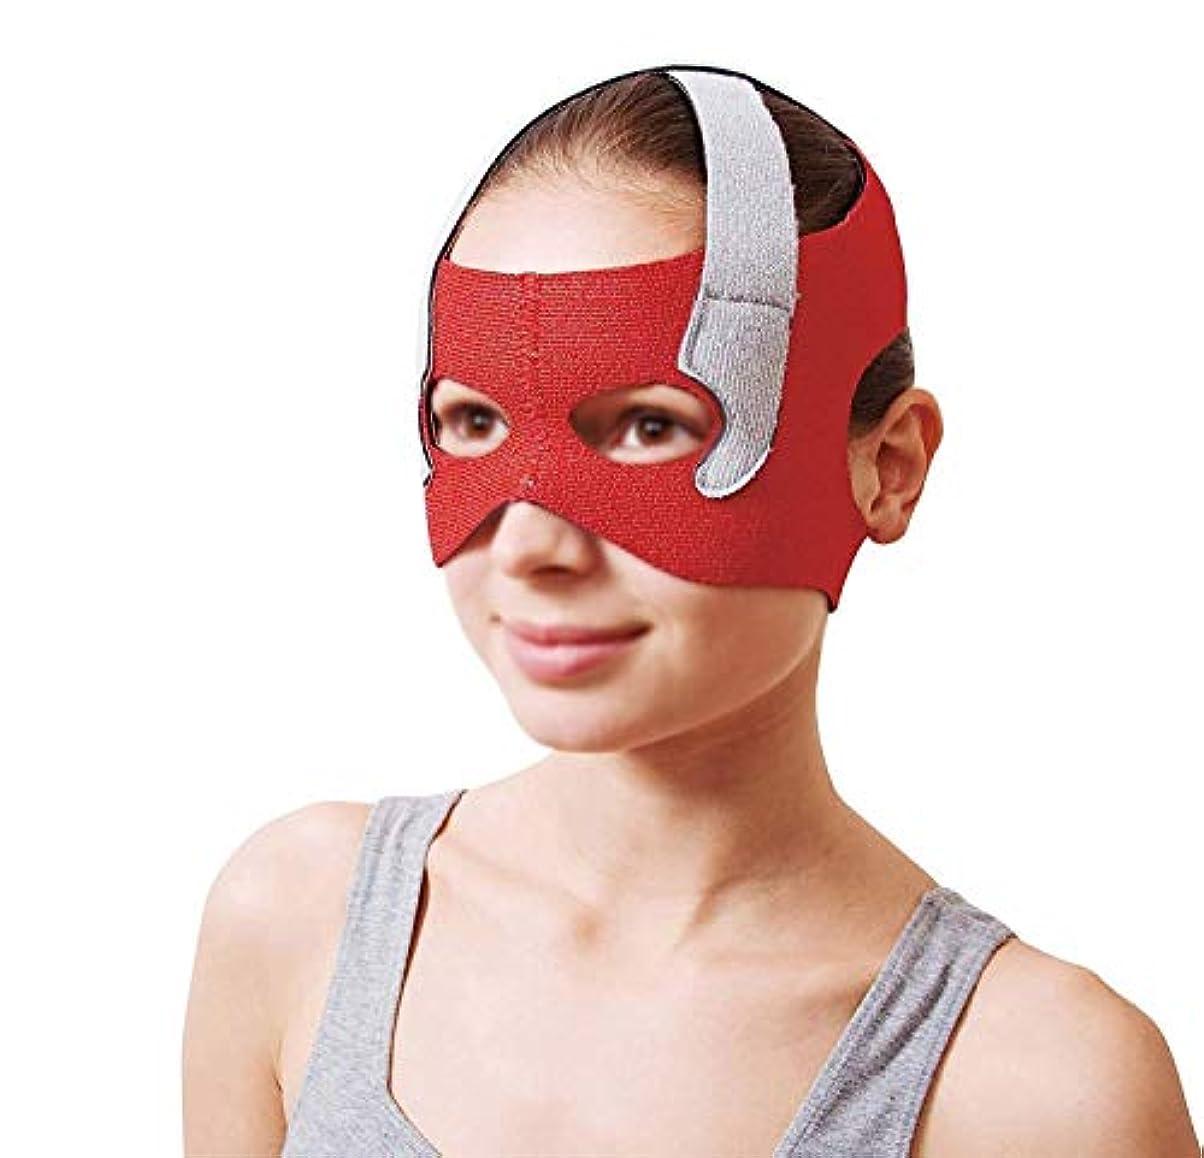 解決再生可能娯楽フェイスリフトマスク、回復ポスト包帯ヘッドギアフェイスマスク顔薄いフェイスマスクアーティファクト美容ベルト顔と首リフト顔周囲57-68 cm